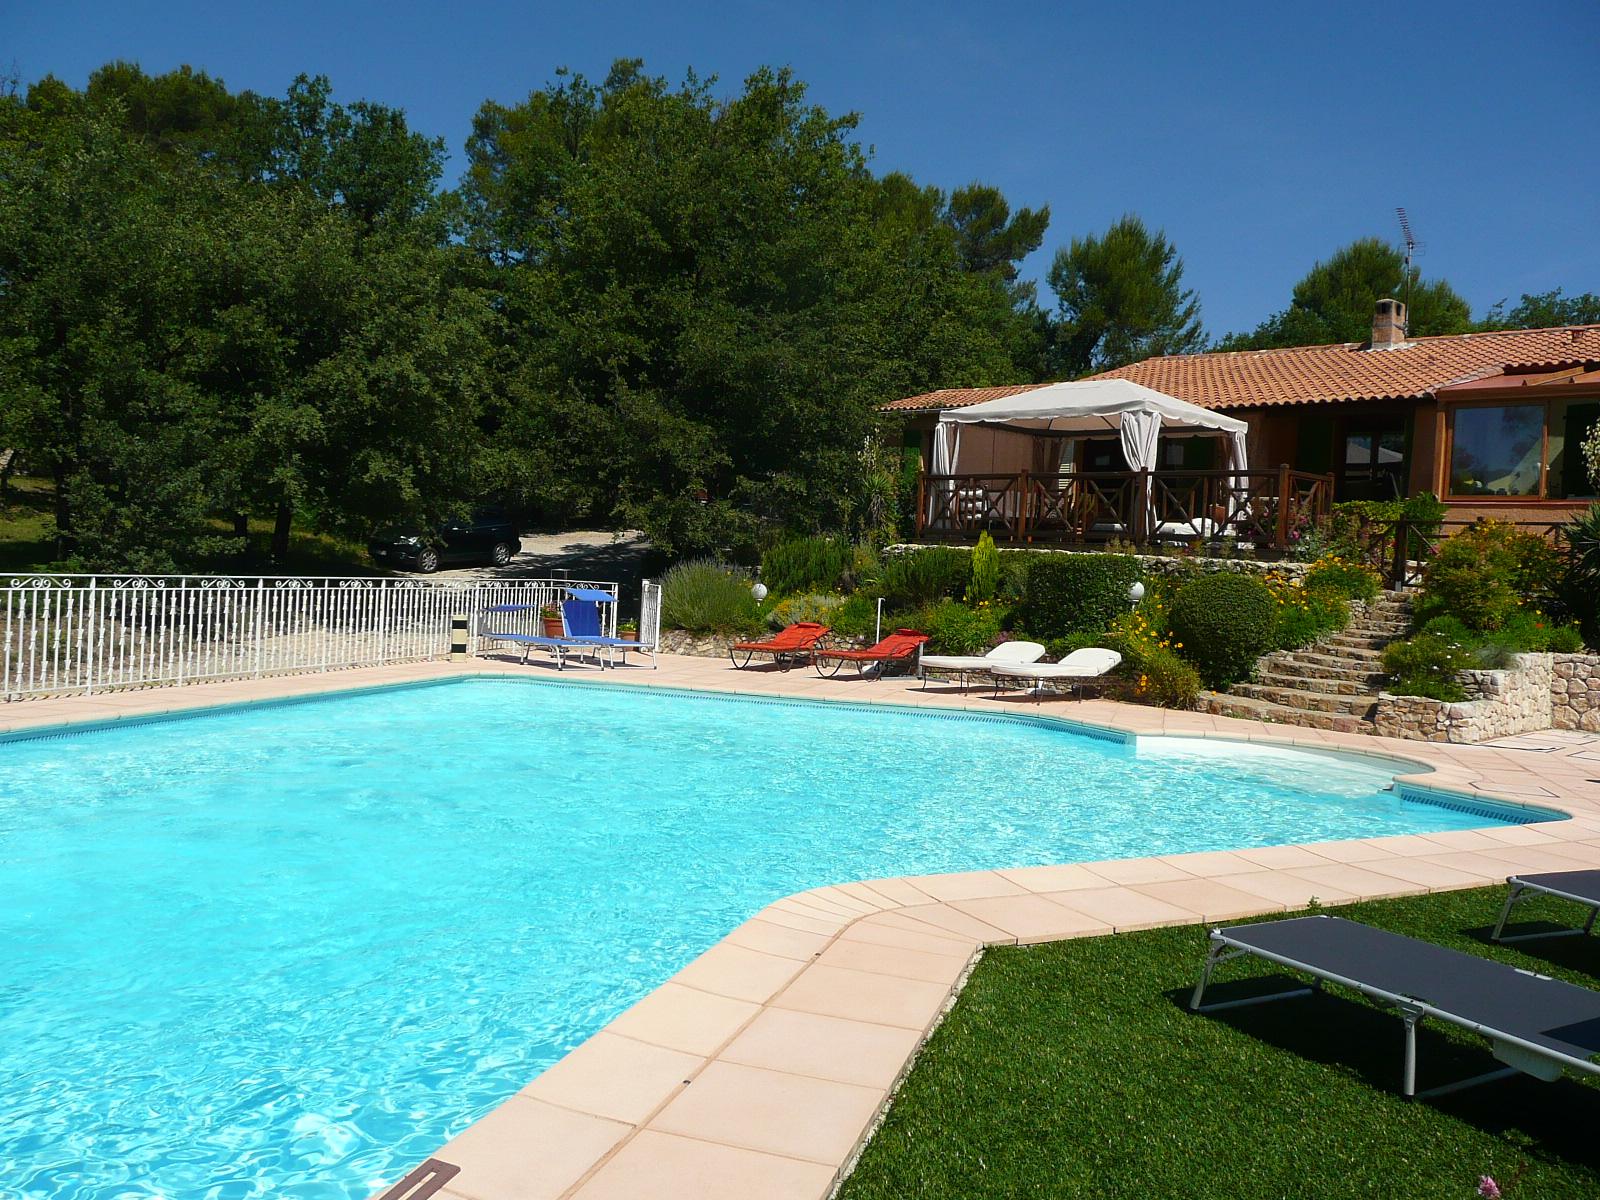 Bandb chambre d 39 h tes piscine chauff e jacuzzi entre aix en provence et cassis t l - Villa cassis chambre d hote ...